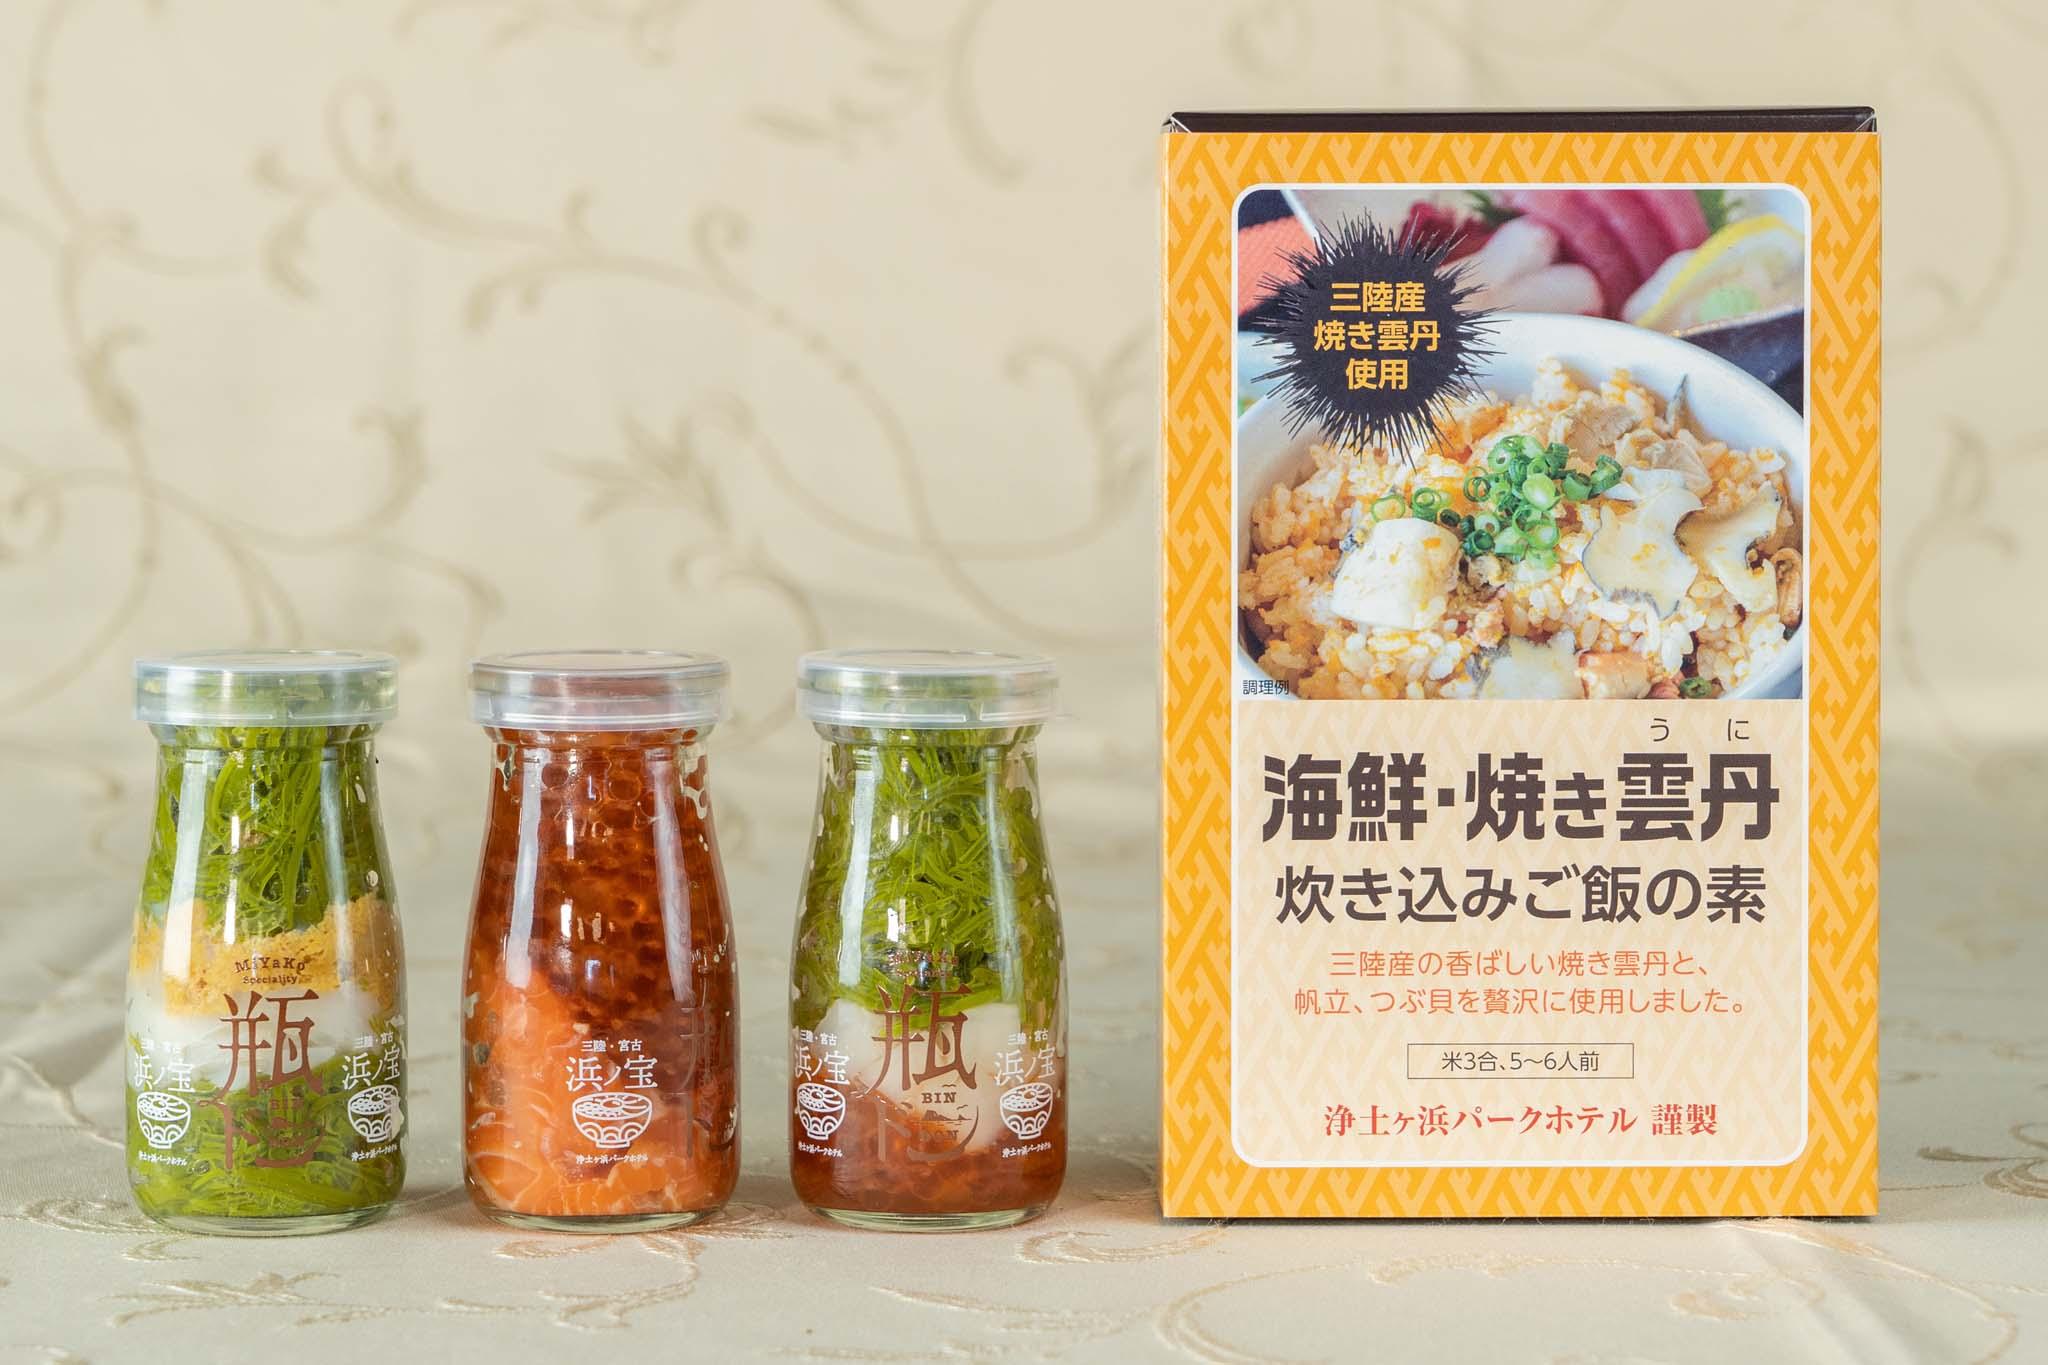 """【送料無料】""""瓶ドン 浜ノ宝"""" 新Ver3本セット&ホテル特製うに炊き込みご飯の素セット"""